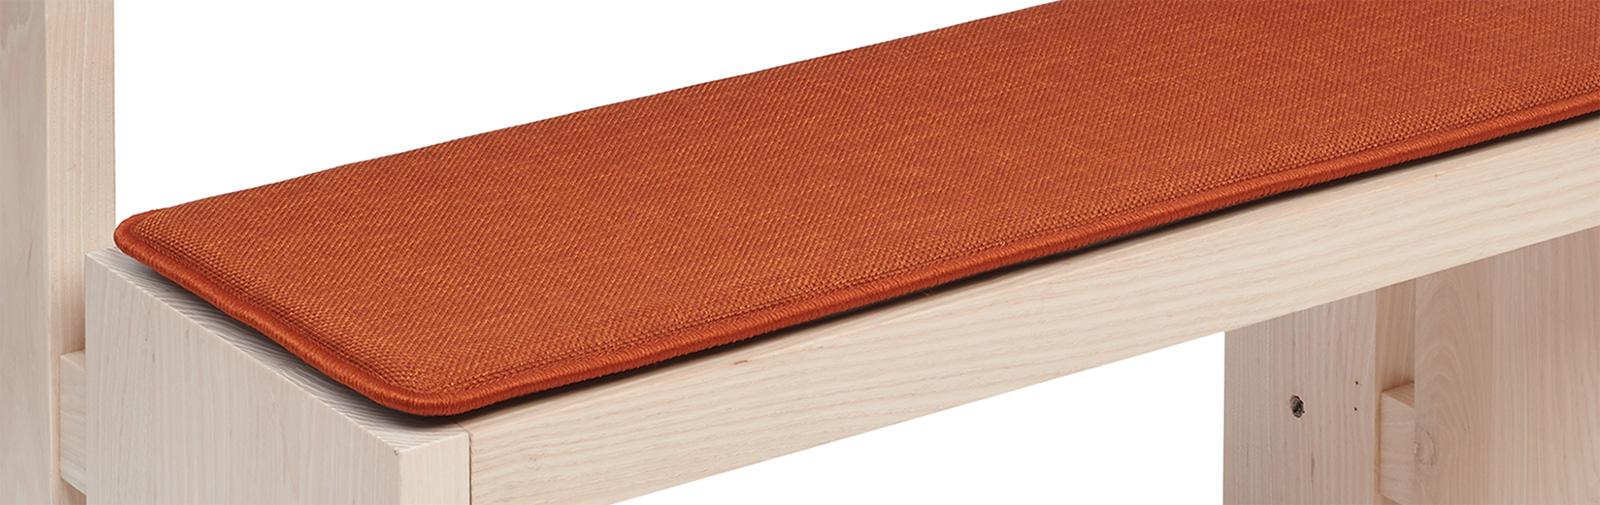 banque échantillon coussin Bankauflage Verano code couleur 651 couleur brun roux